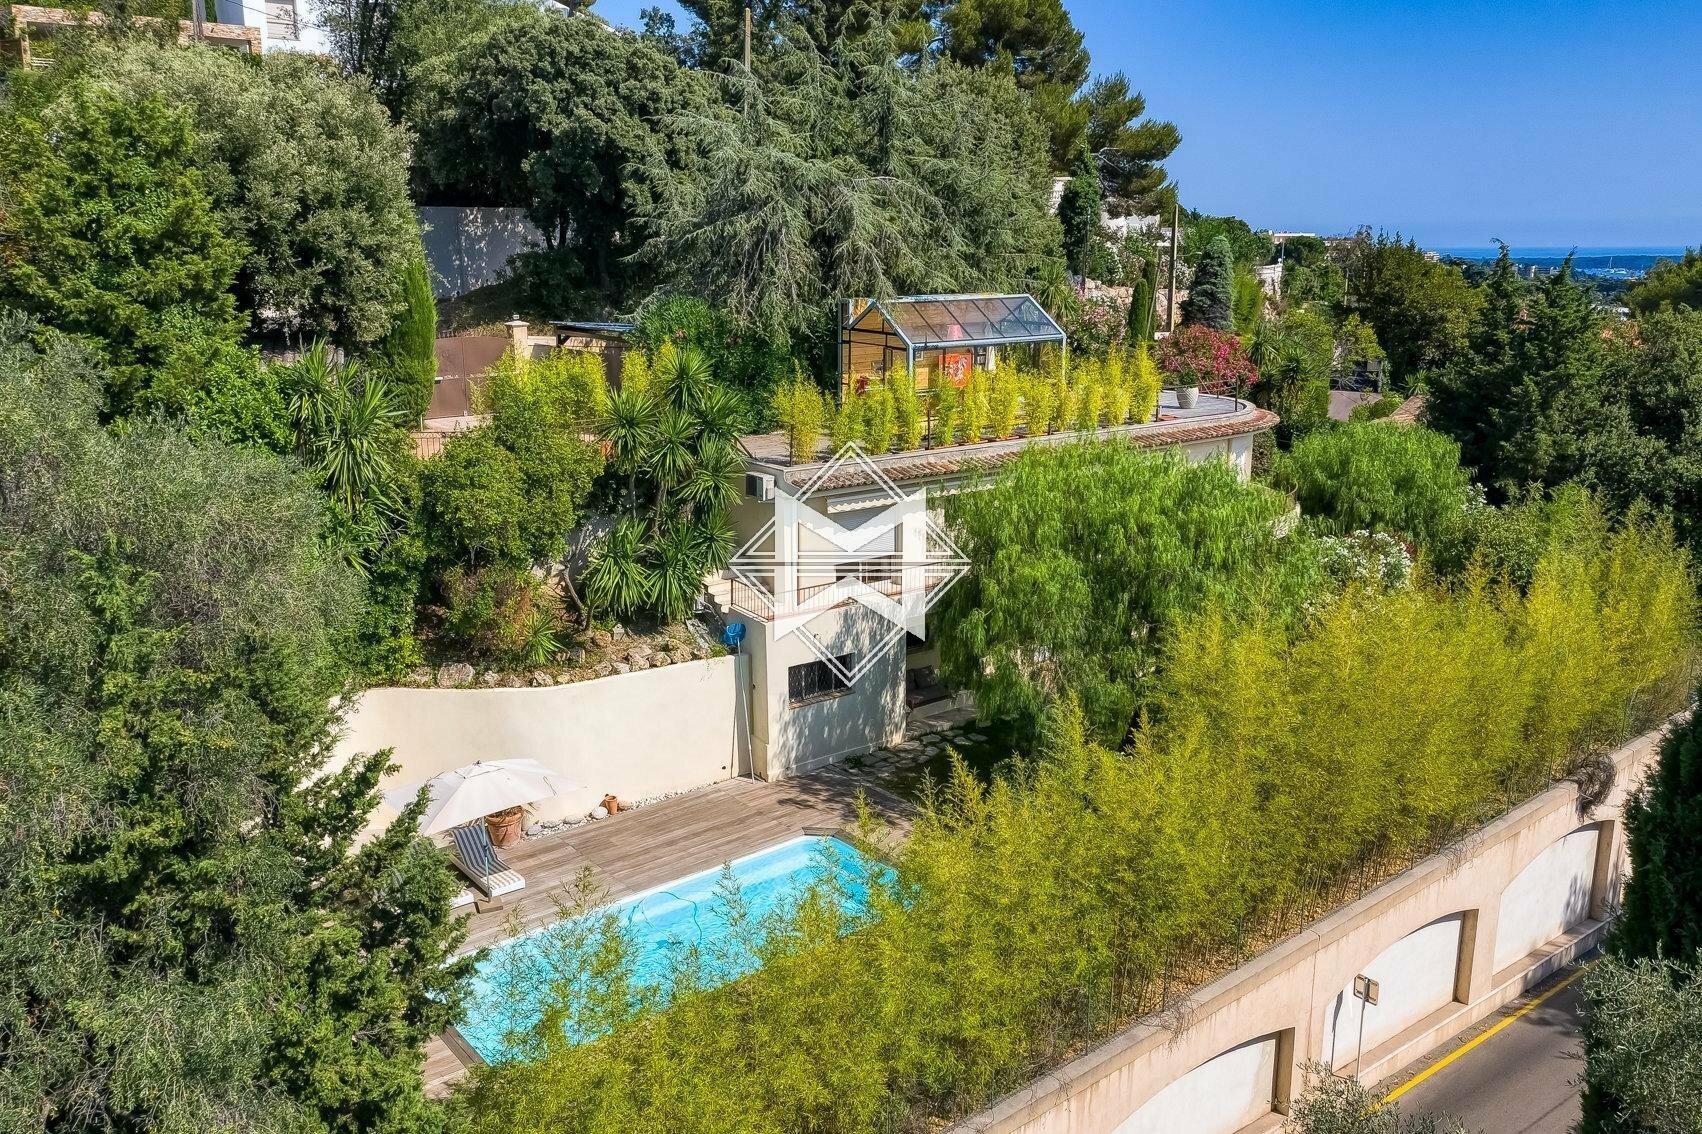 Villa in Cannes, Provence-Alpes-Côte d'Azur, France 1 - 11091659